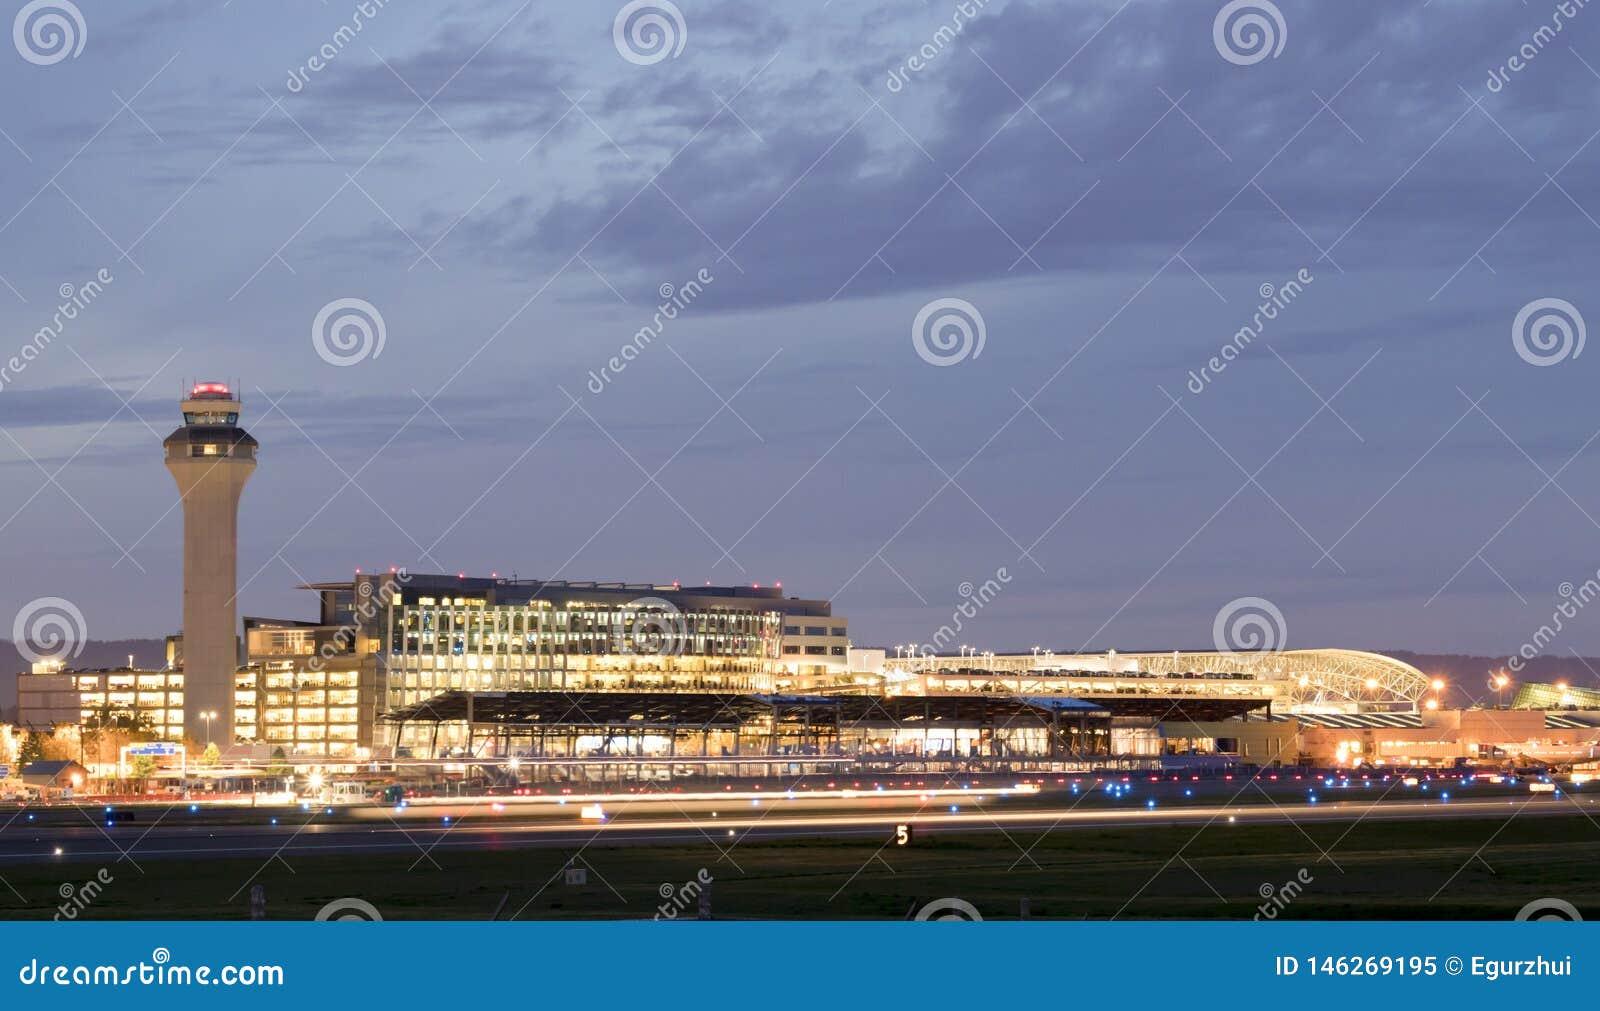 Internationaler Flughafen PDX nachts - der größte und beste Flughafen Portlands im Staat Oregon